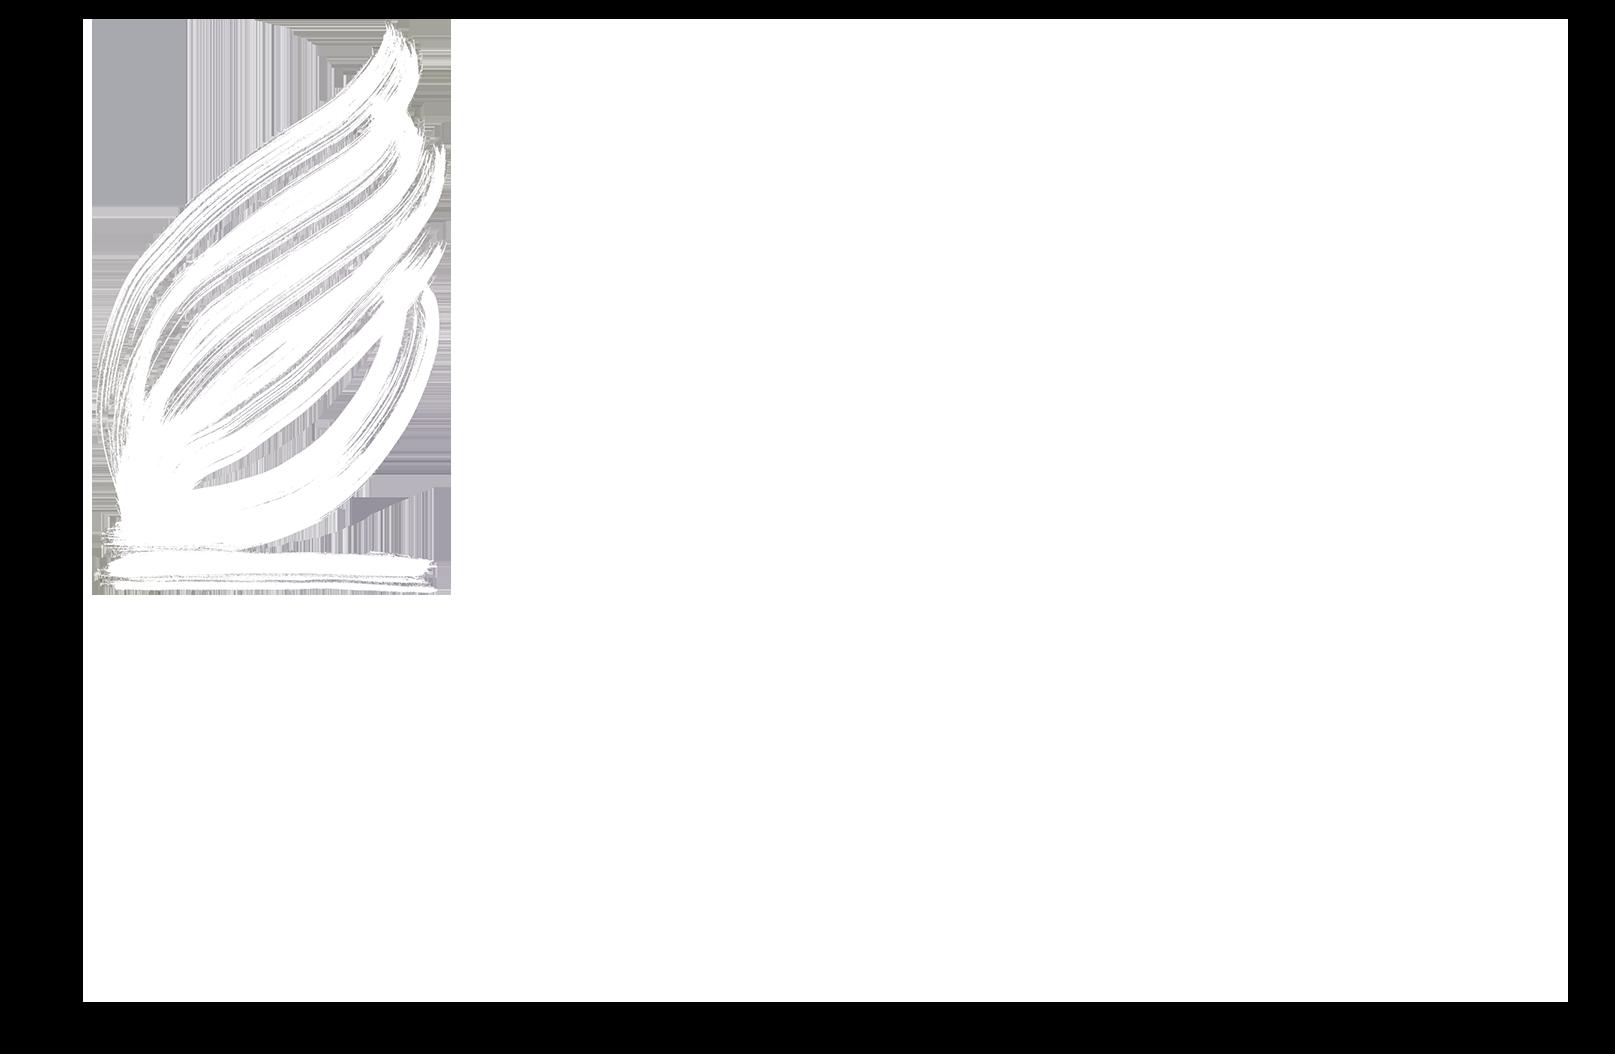 トラディッショナル・オステオパシー 内田治療院